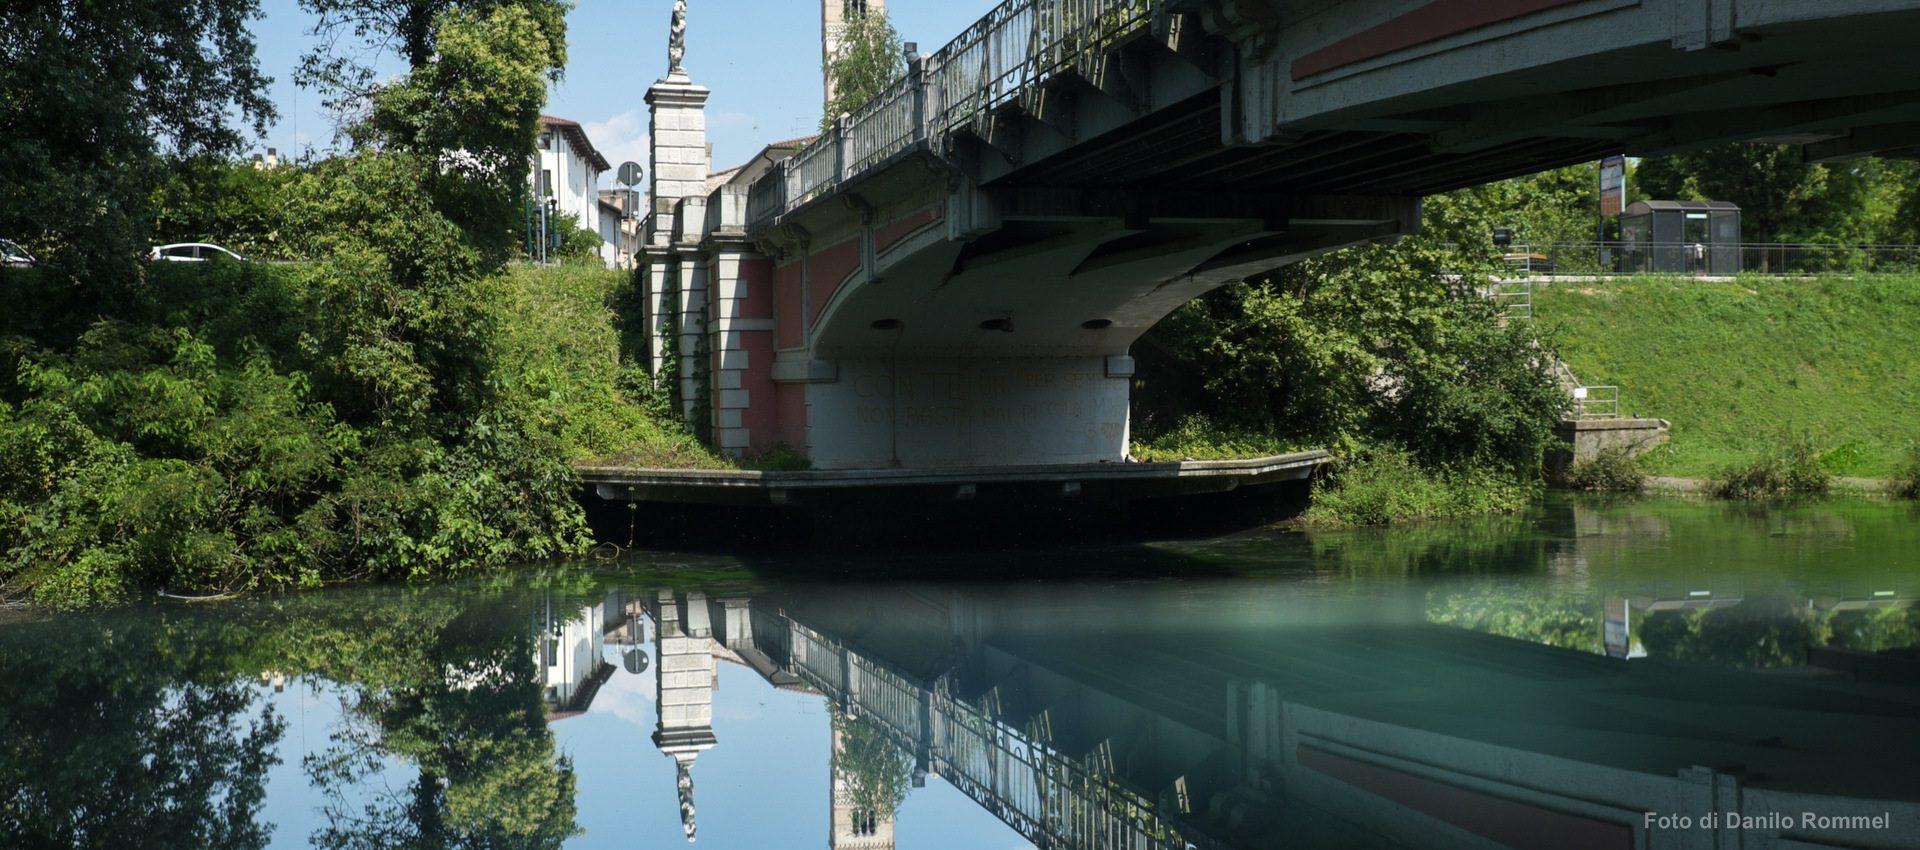 Vista dal basso verso l'alto sul fiume Noncello a Pordenone e sul ponte pedonale di Adamo e Eva